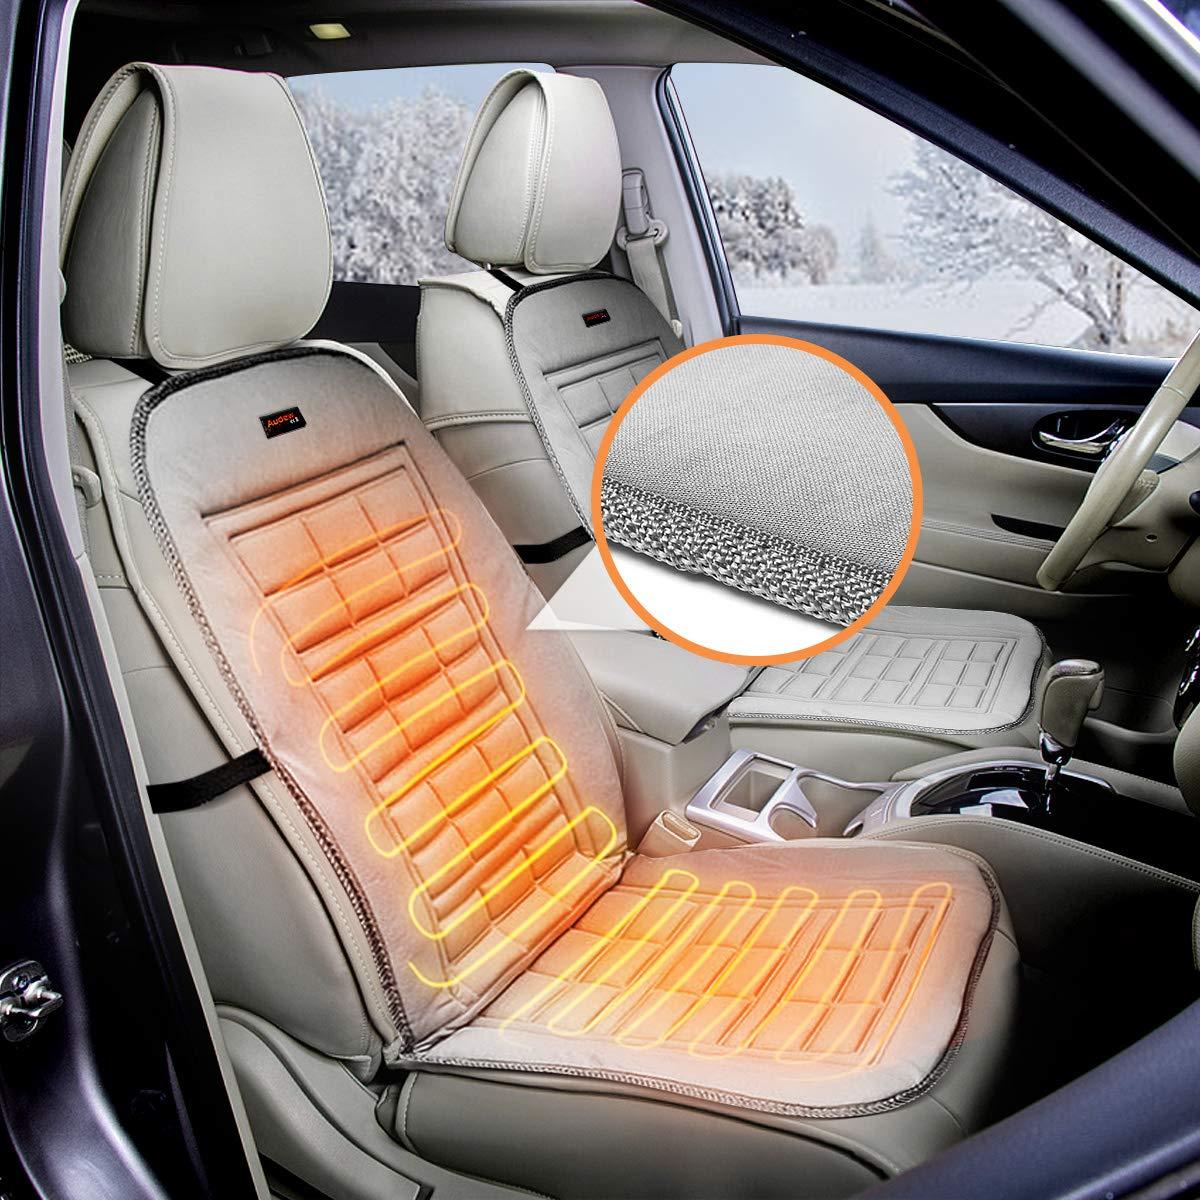 audew 12 V chaud chauffage Coussin chauffant pour coussin hiver chaud pour siè ge avant de voiture